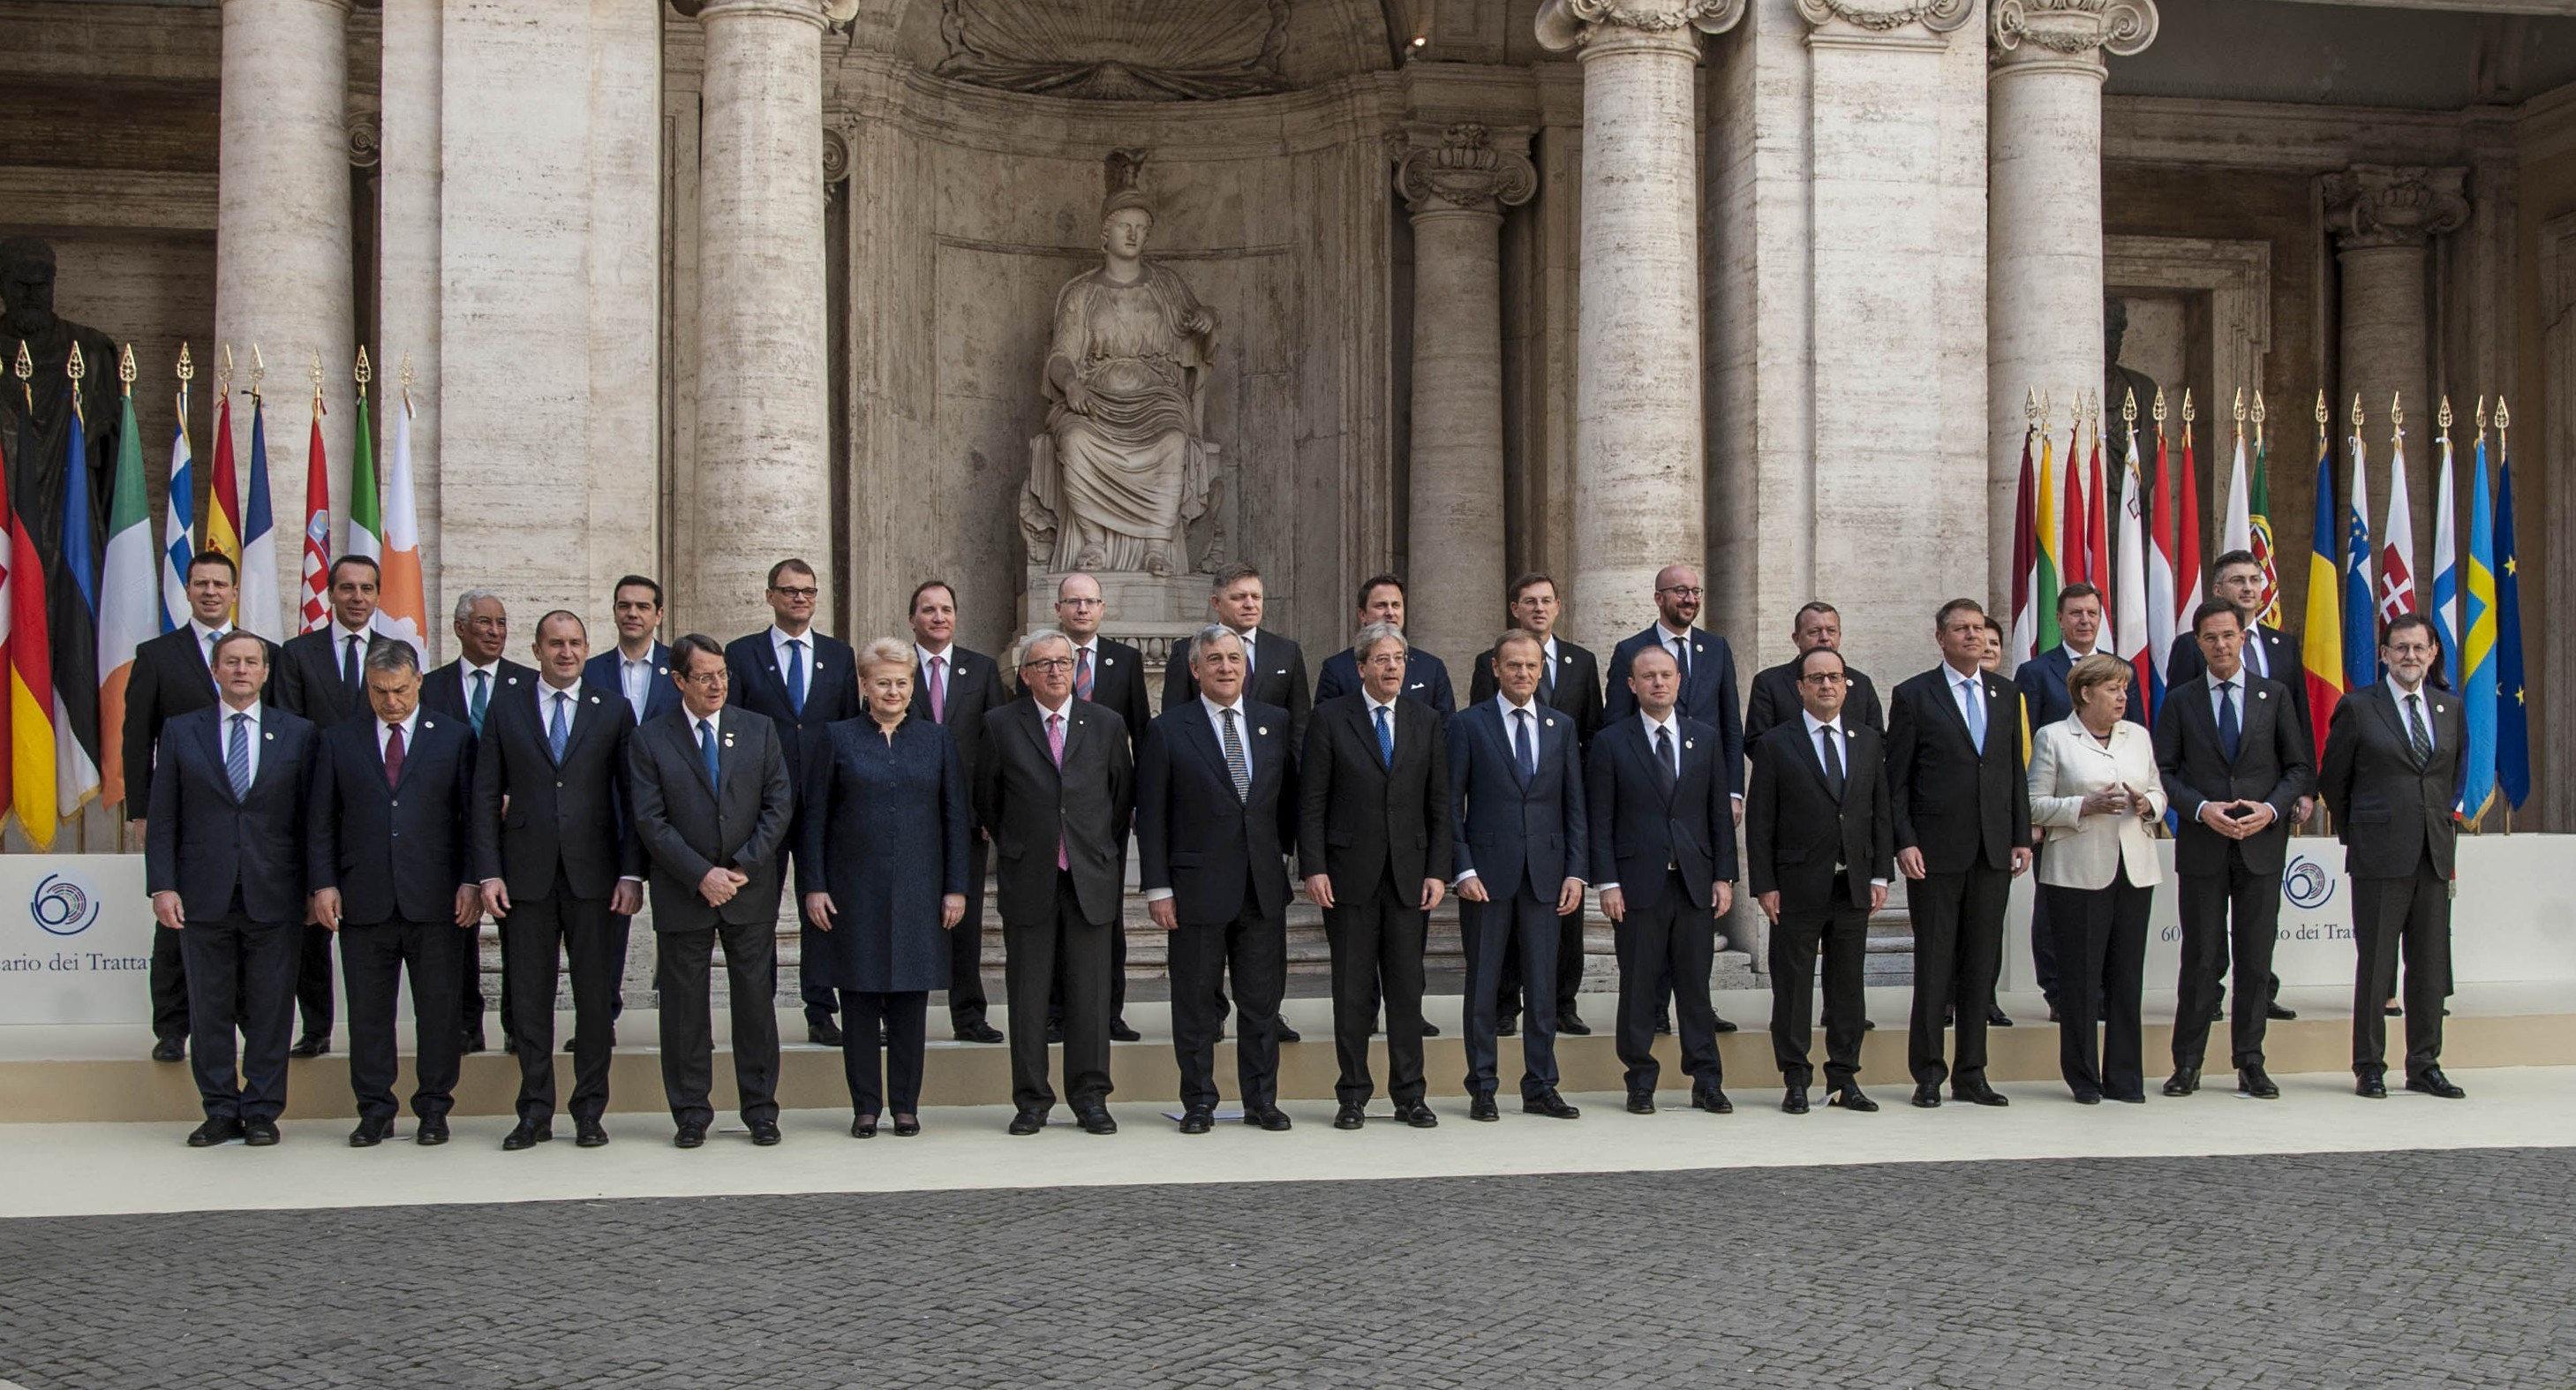 Resultat d'imatges de 60 aniversari de la Carta de Roma